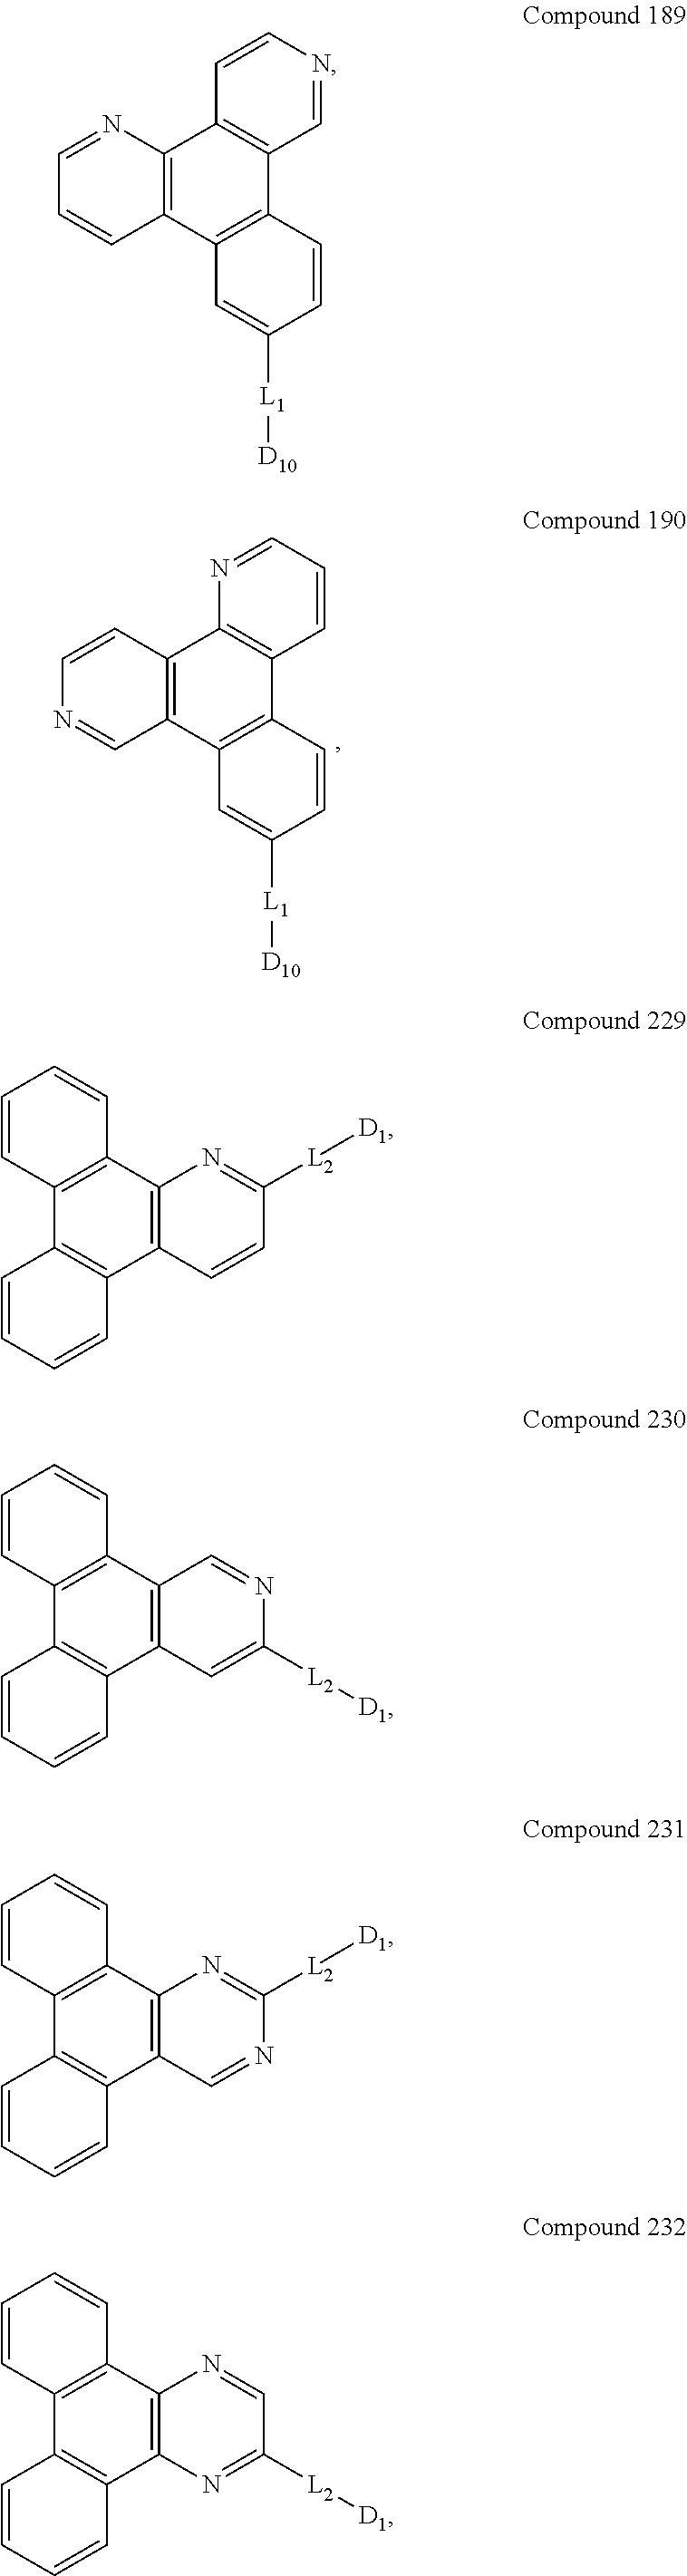 Figure US09537106-20170103-C00082